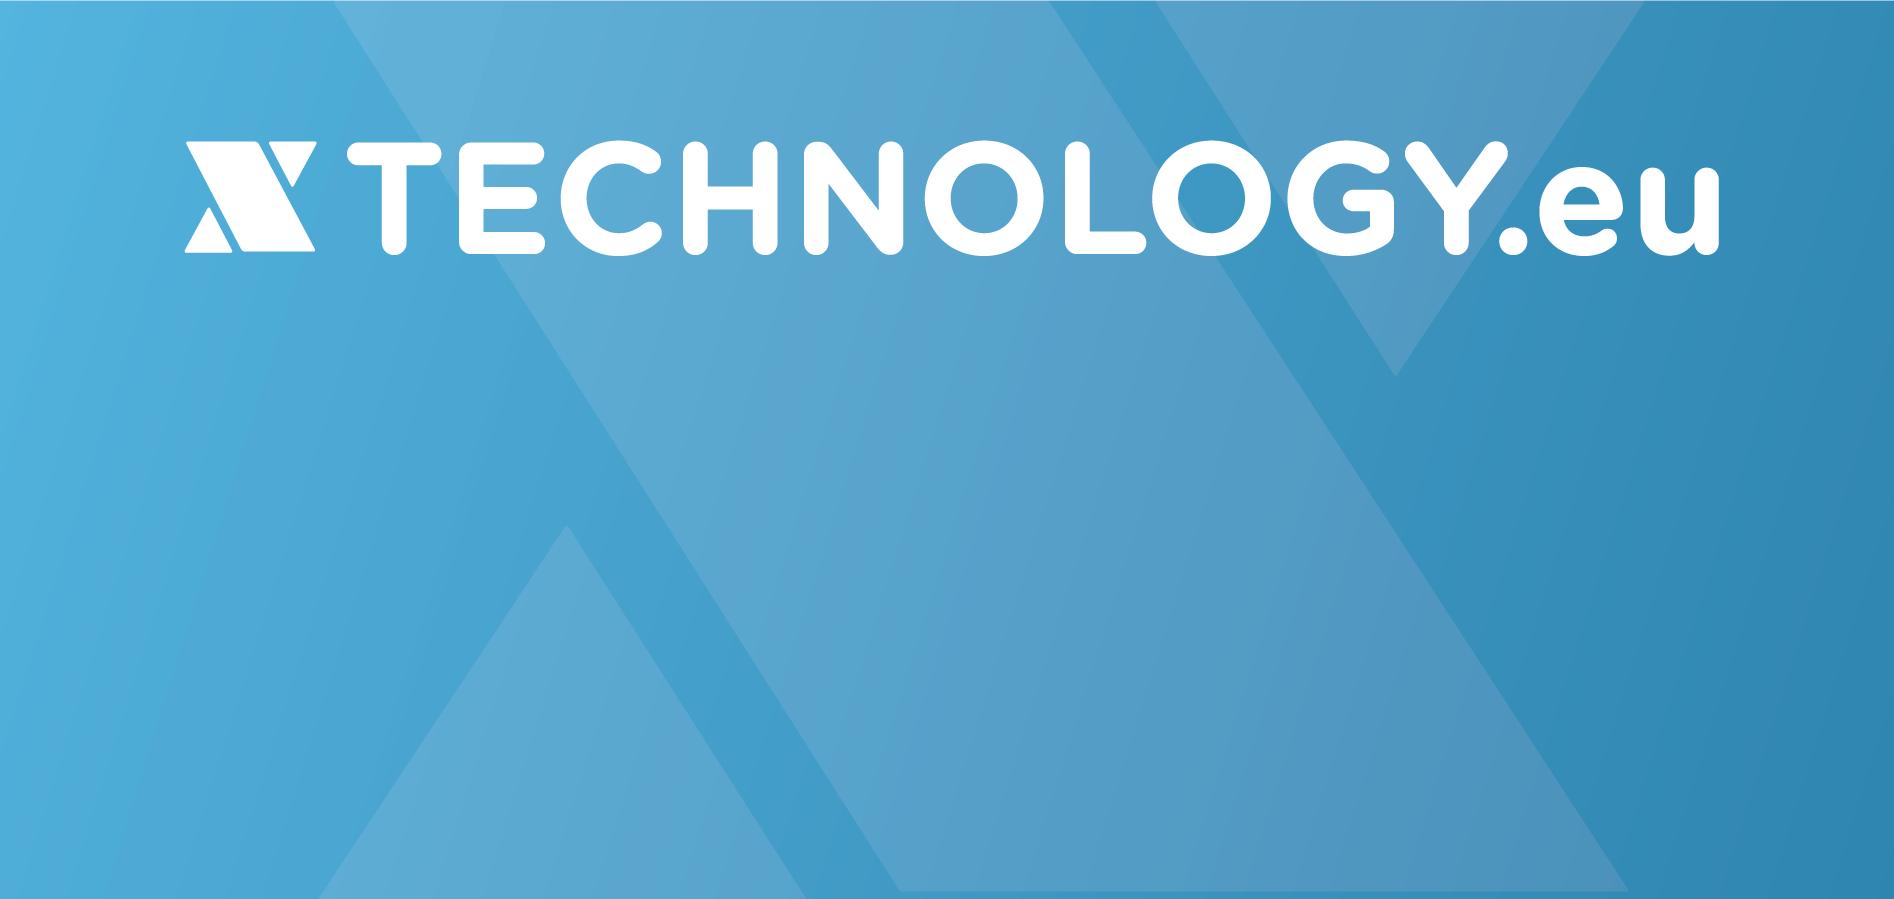 xTechnology.eu